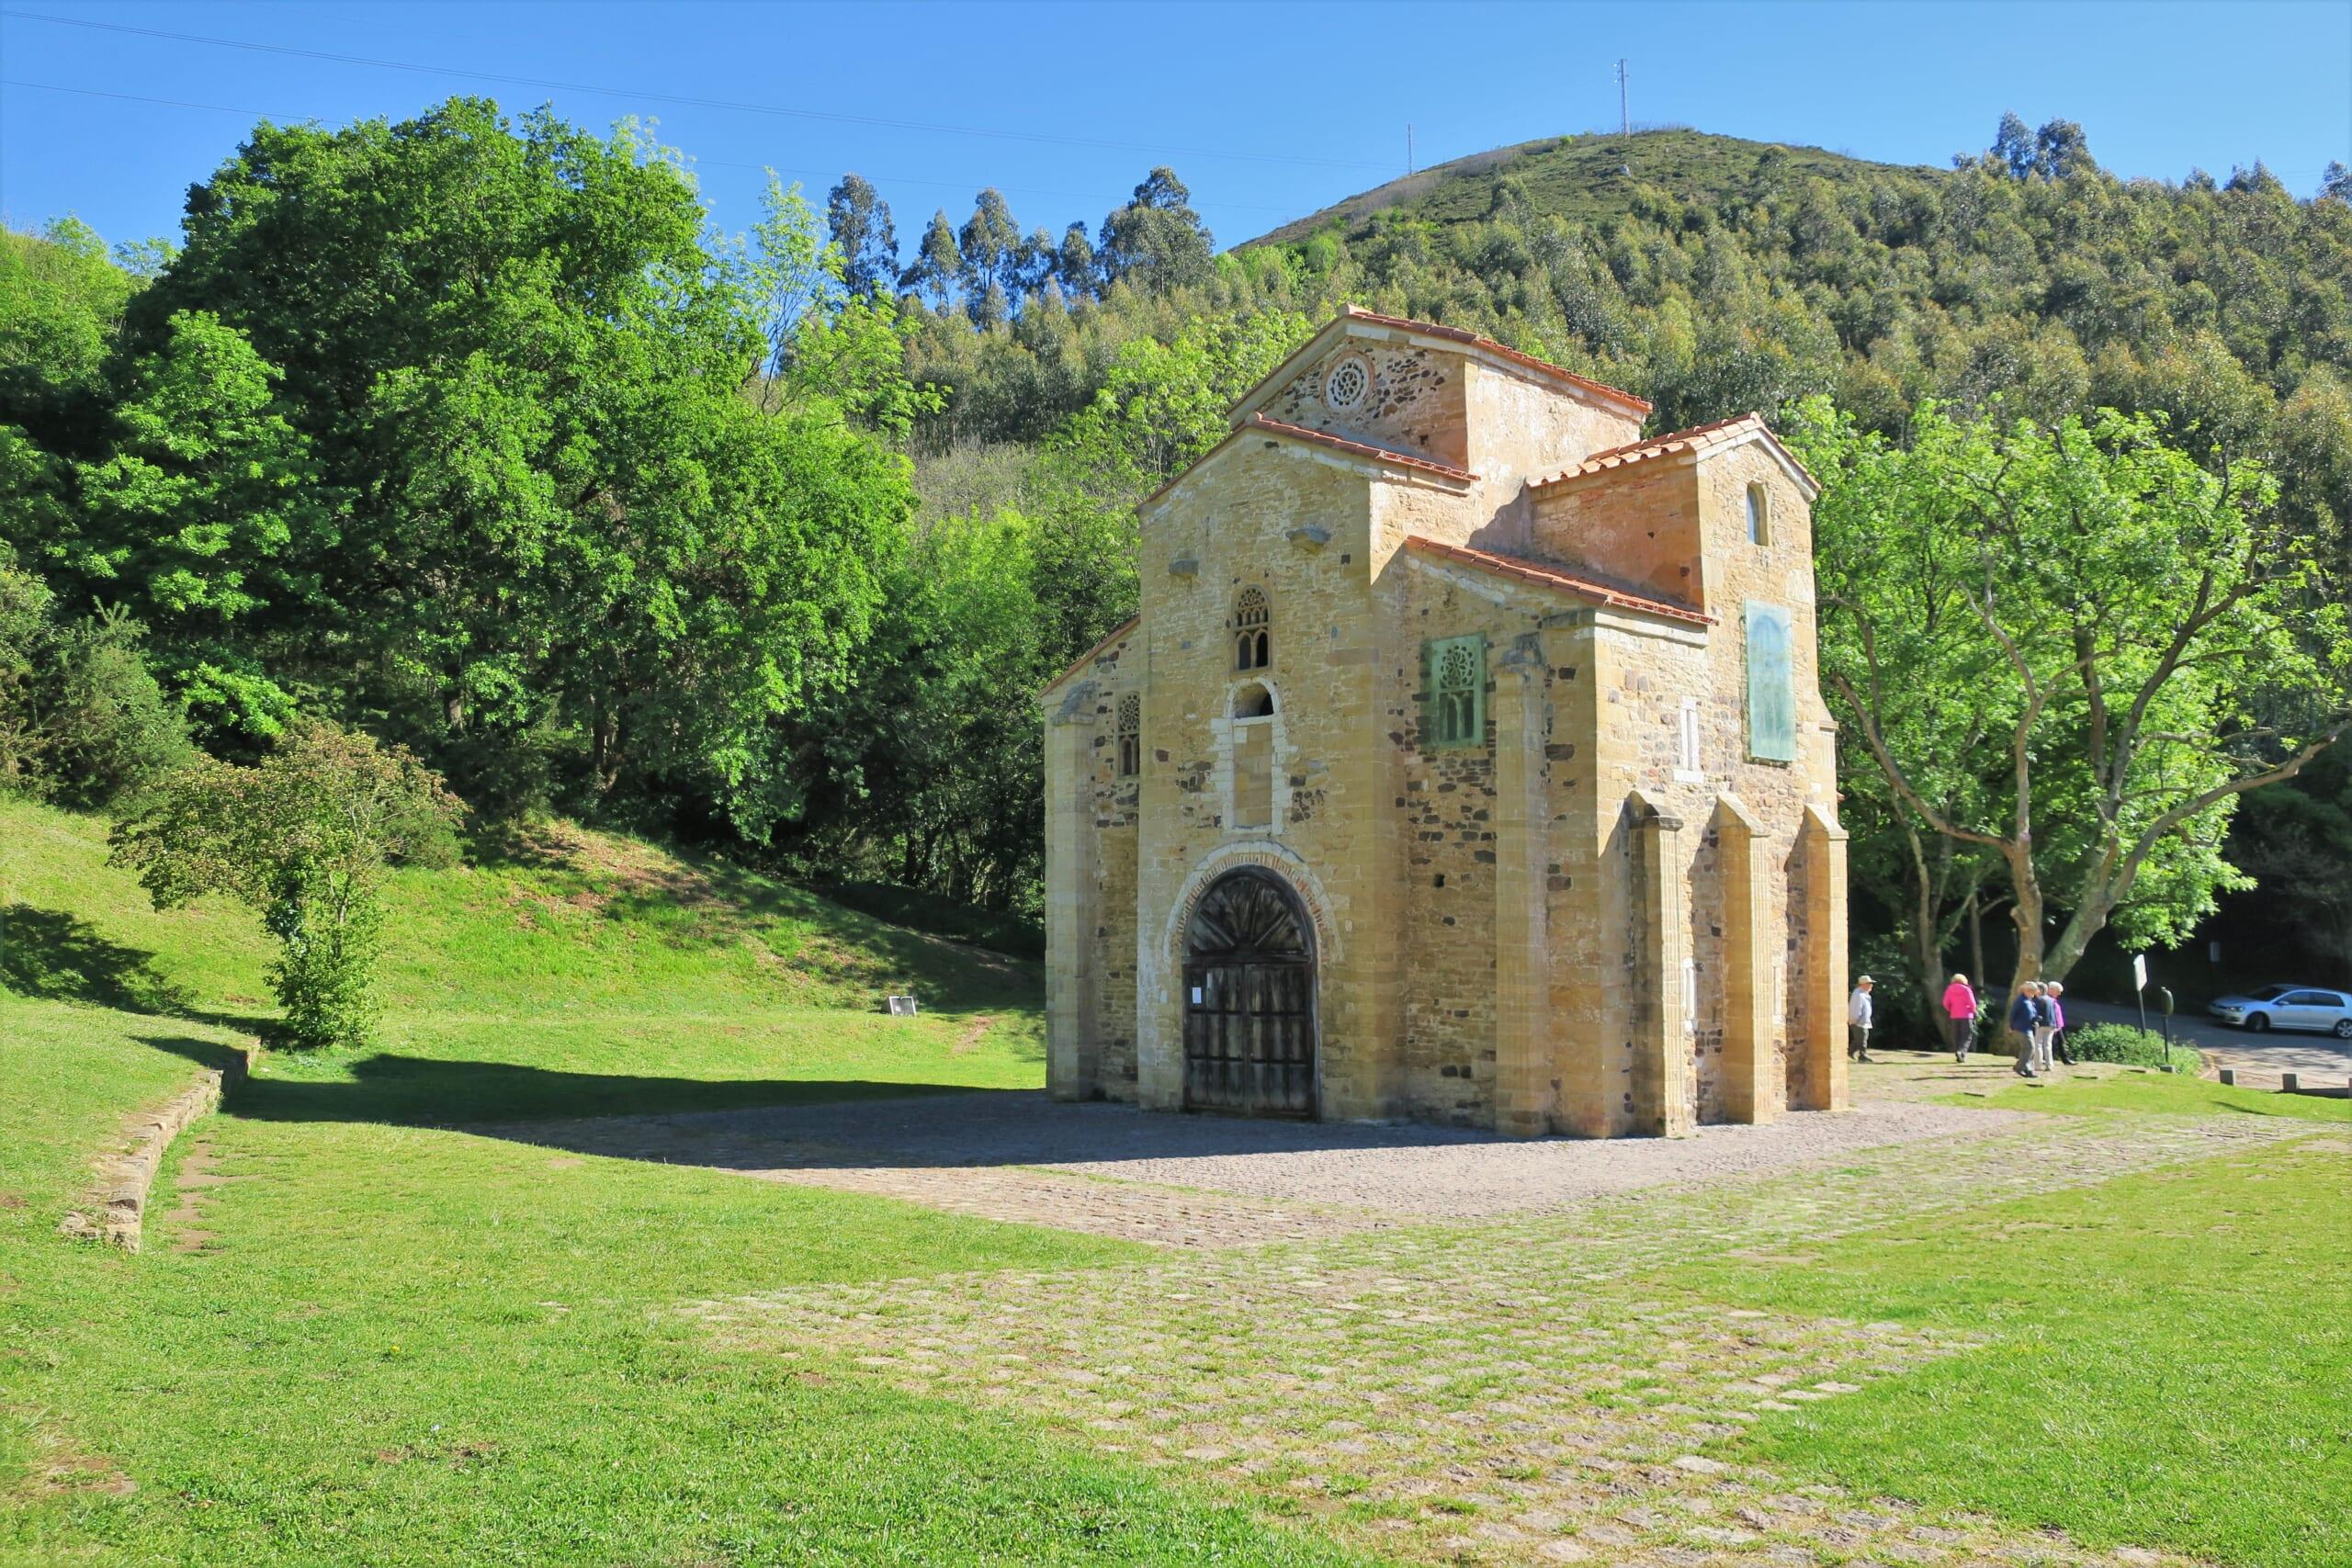 北スペインの観光地であるアストゥリアス